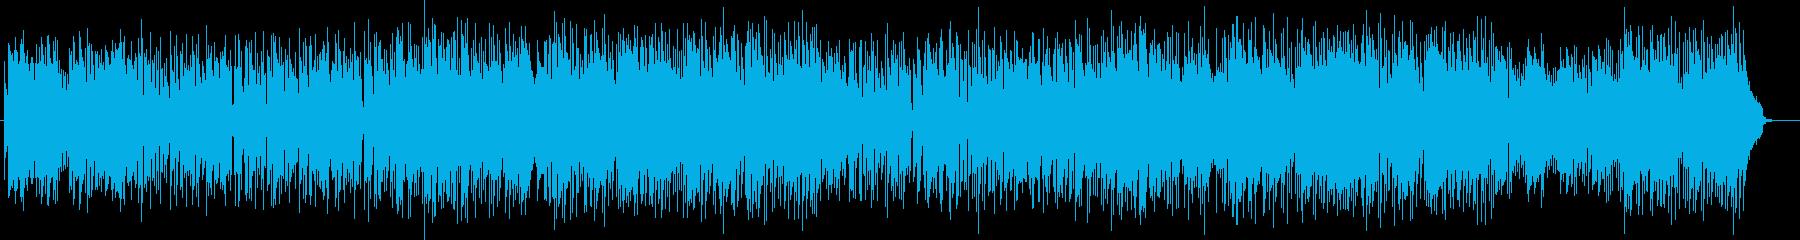 軽やかアーバンなシンセピアノサウンドの再生済みの波形